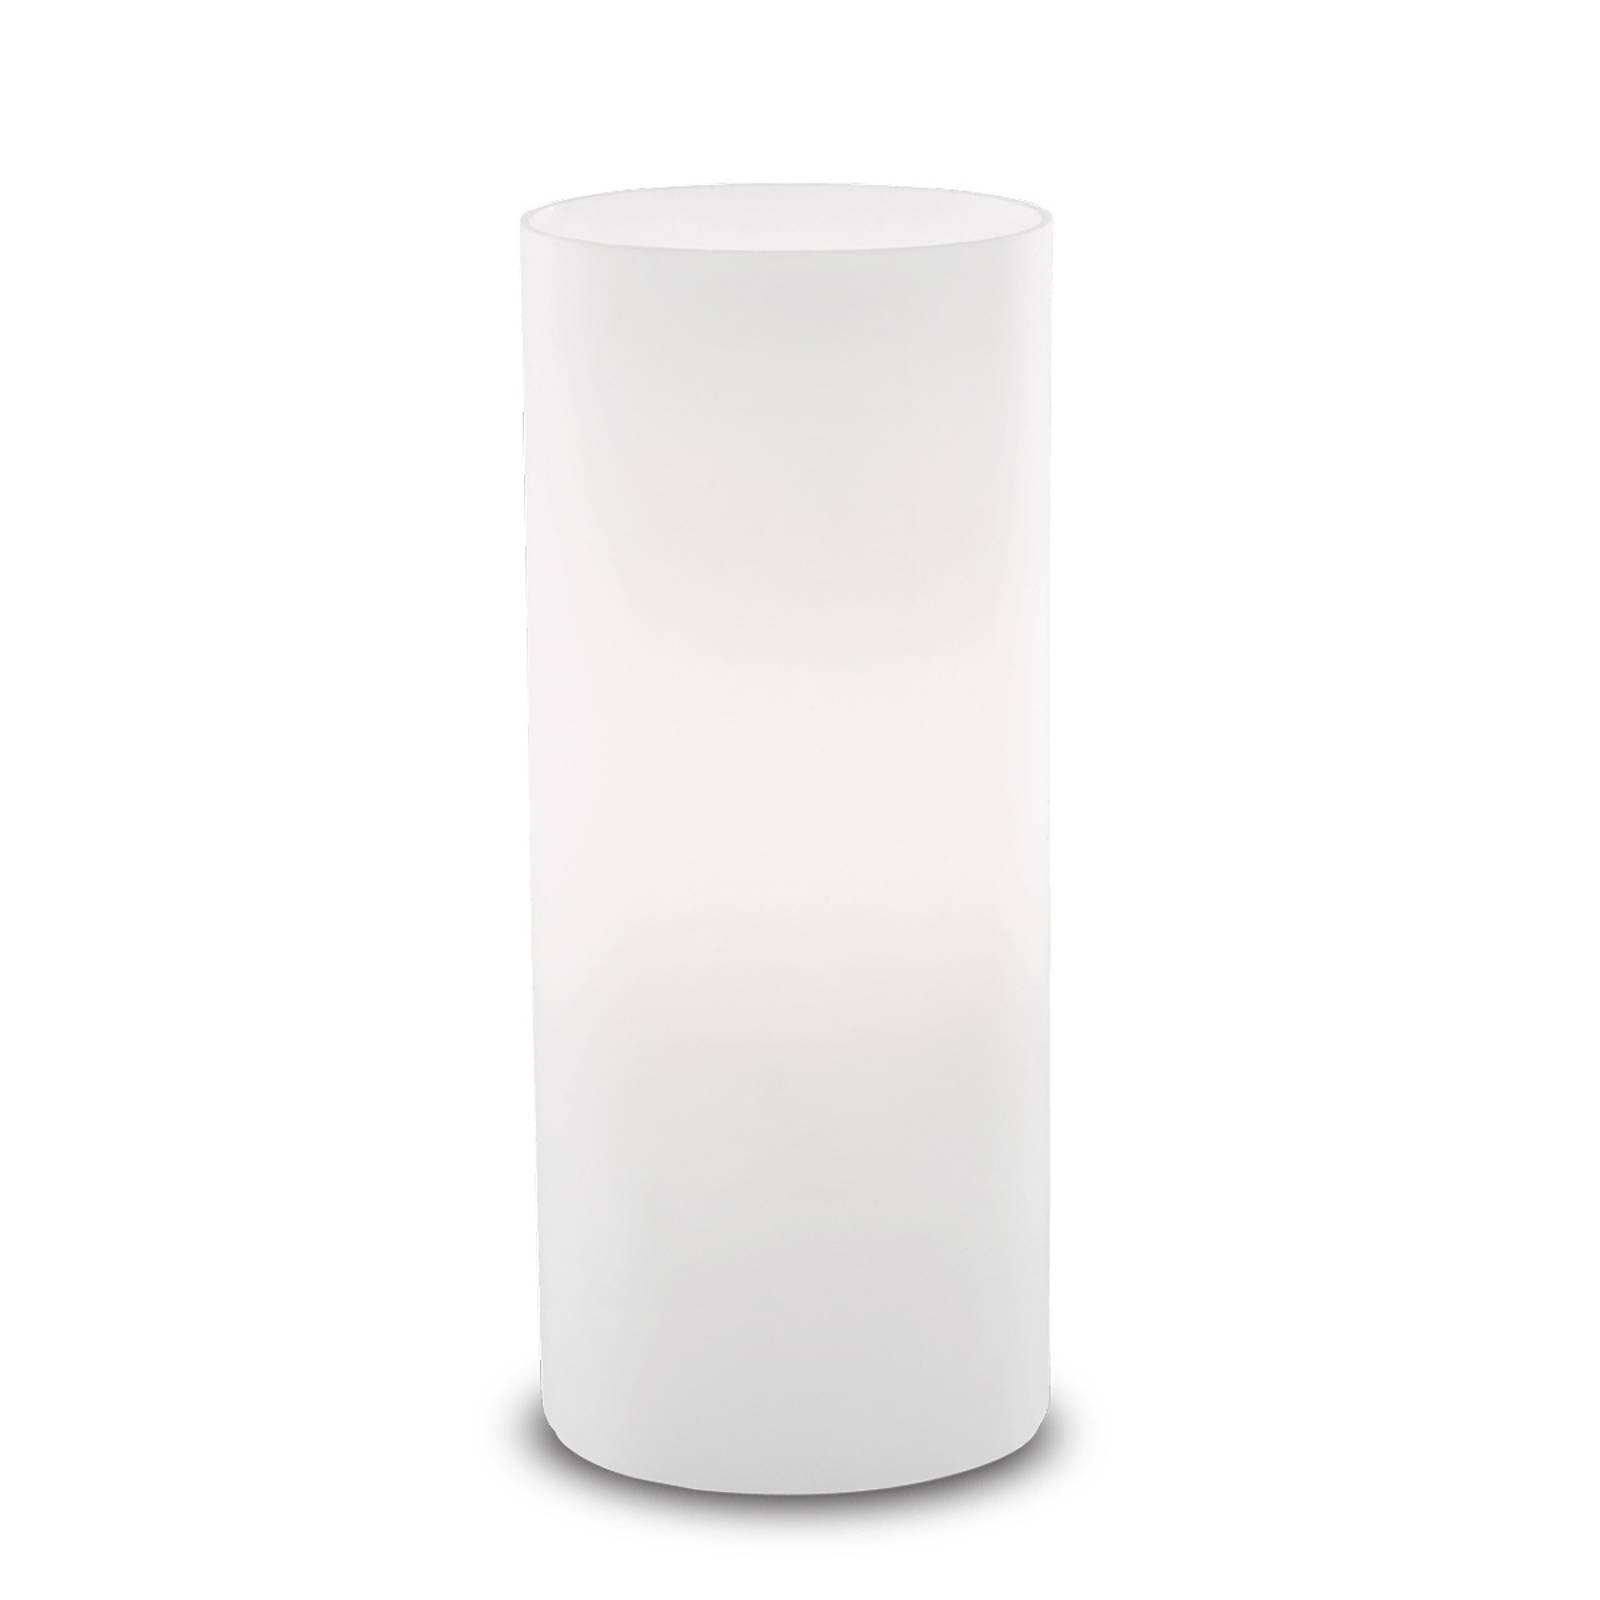 Bordlampe Edo av hvitt glass, høyde 23 cm